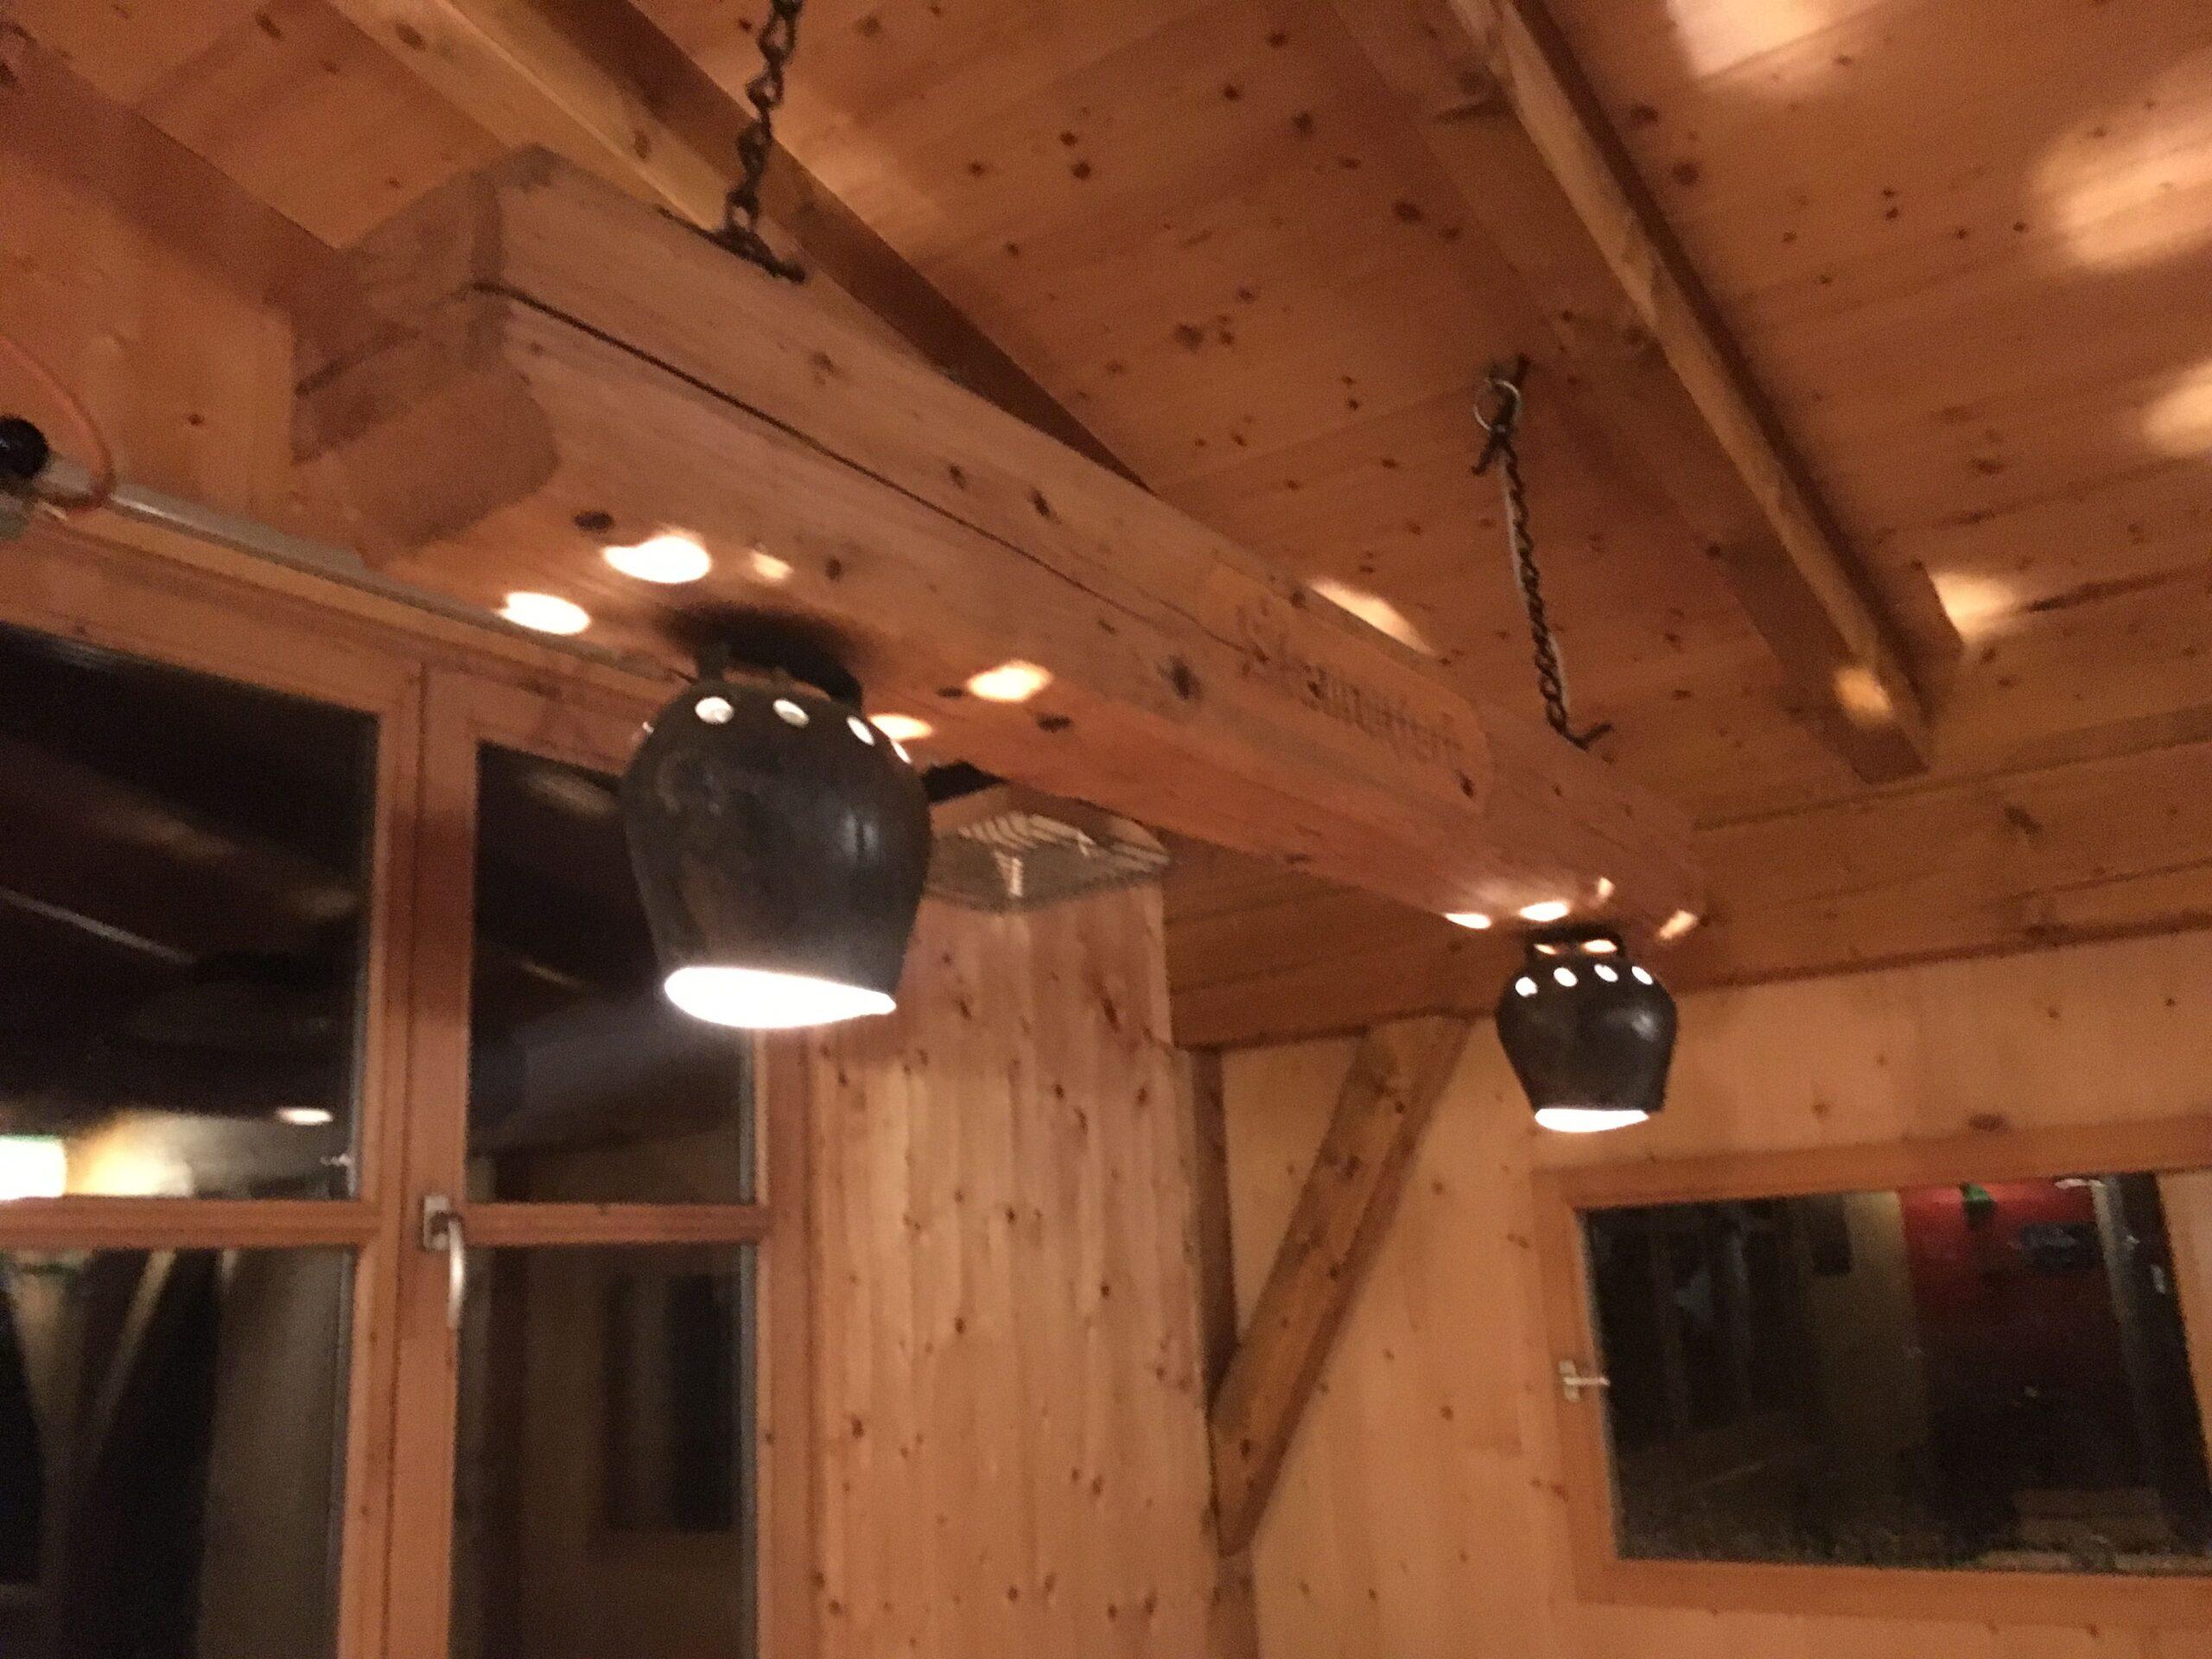 Full Size of Kuhglocken Lampe Landhausstil Lampen Betten Bad Küche Sofa Esstisch Wohnzimmer Bett Boxspring Wohnzimmer Küchenlampe Landhausstil